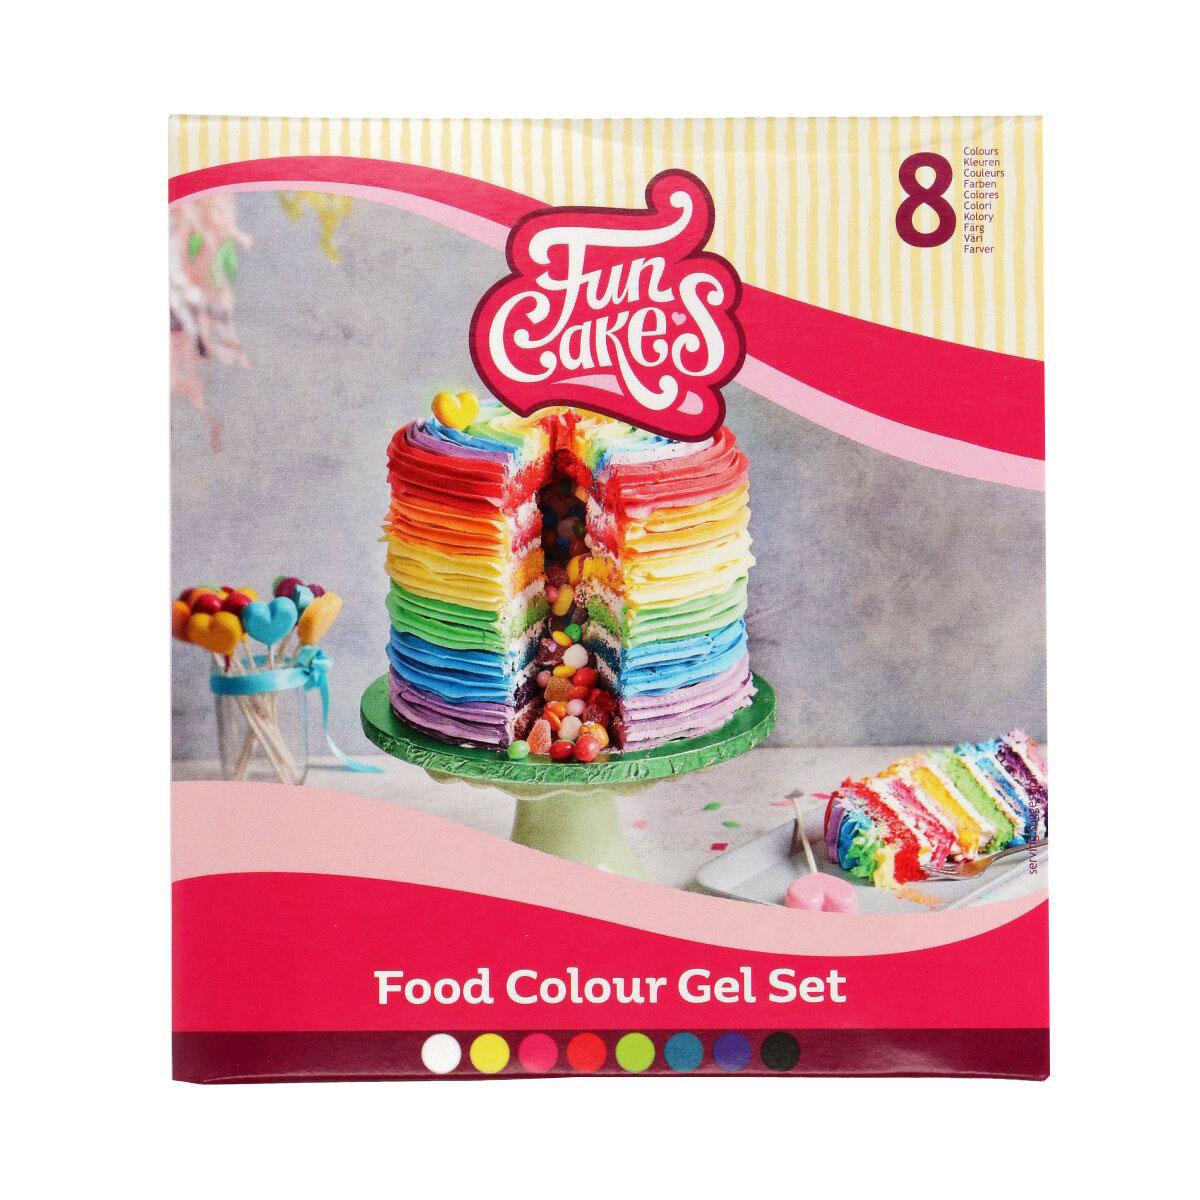 Funcakes Edible Funcolours Gel Set/8